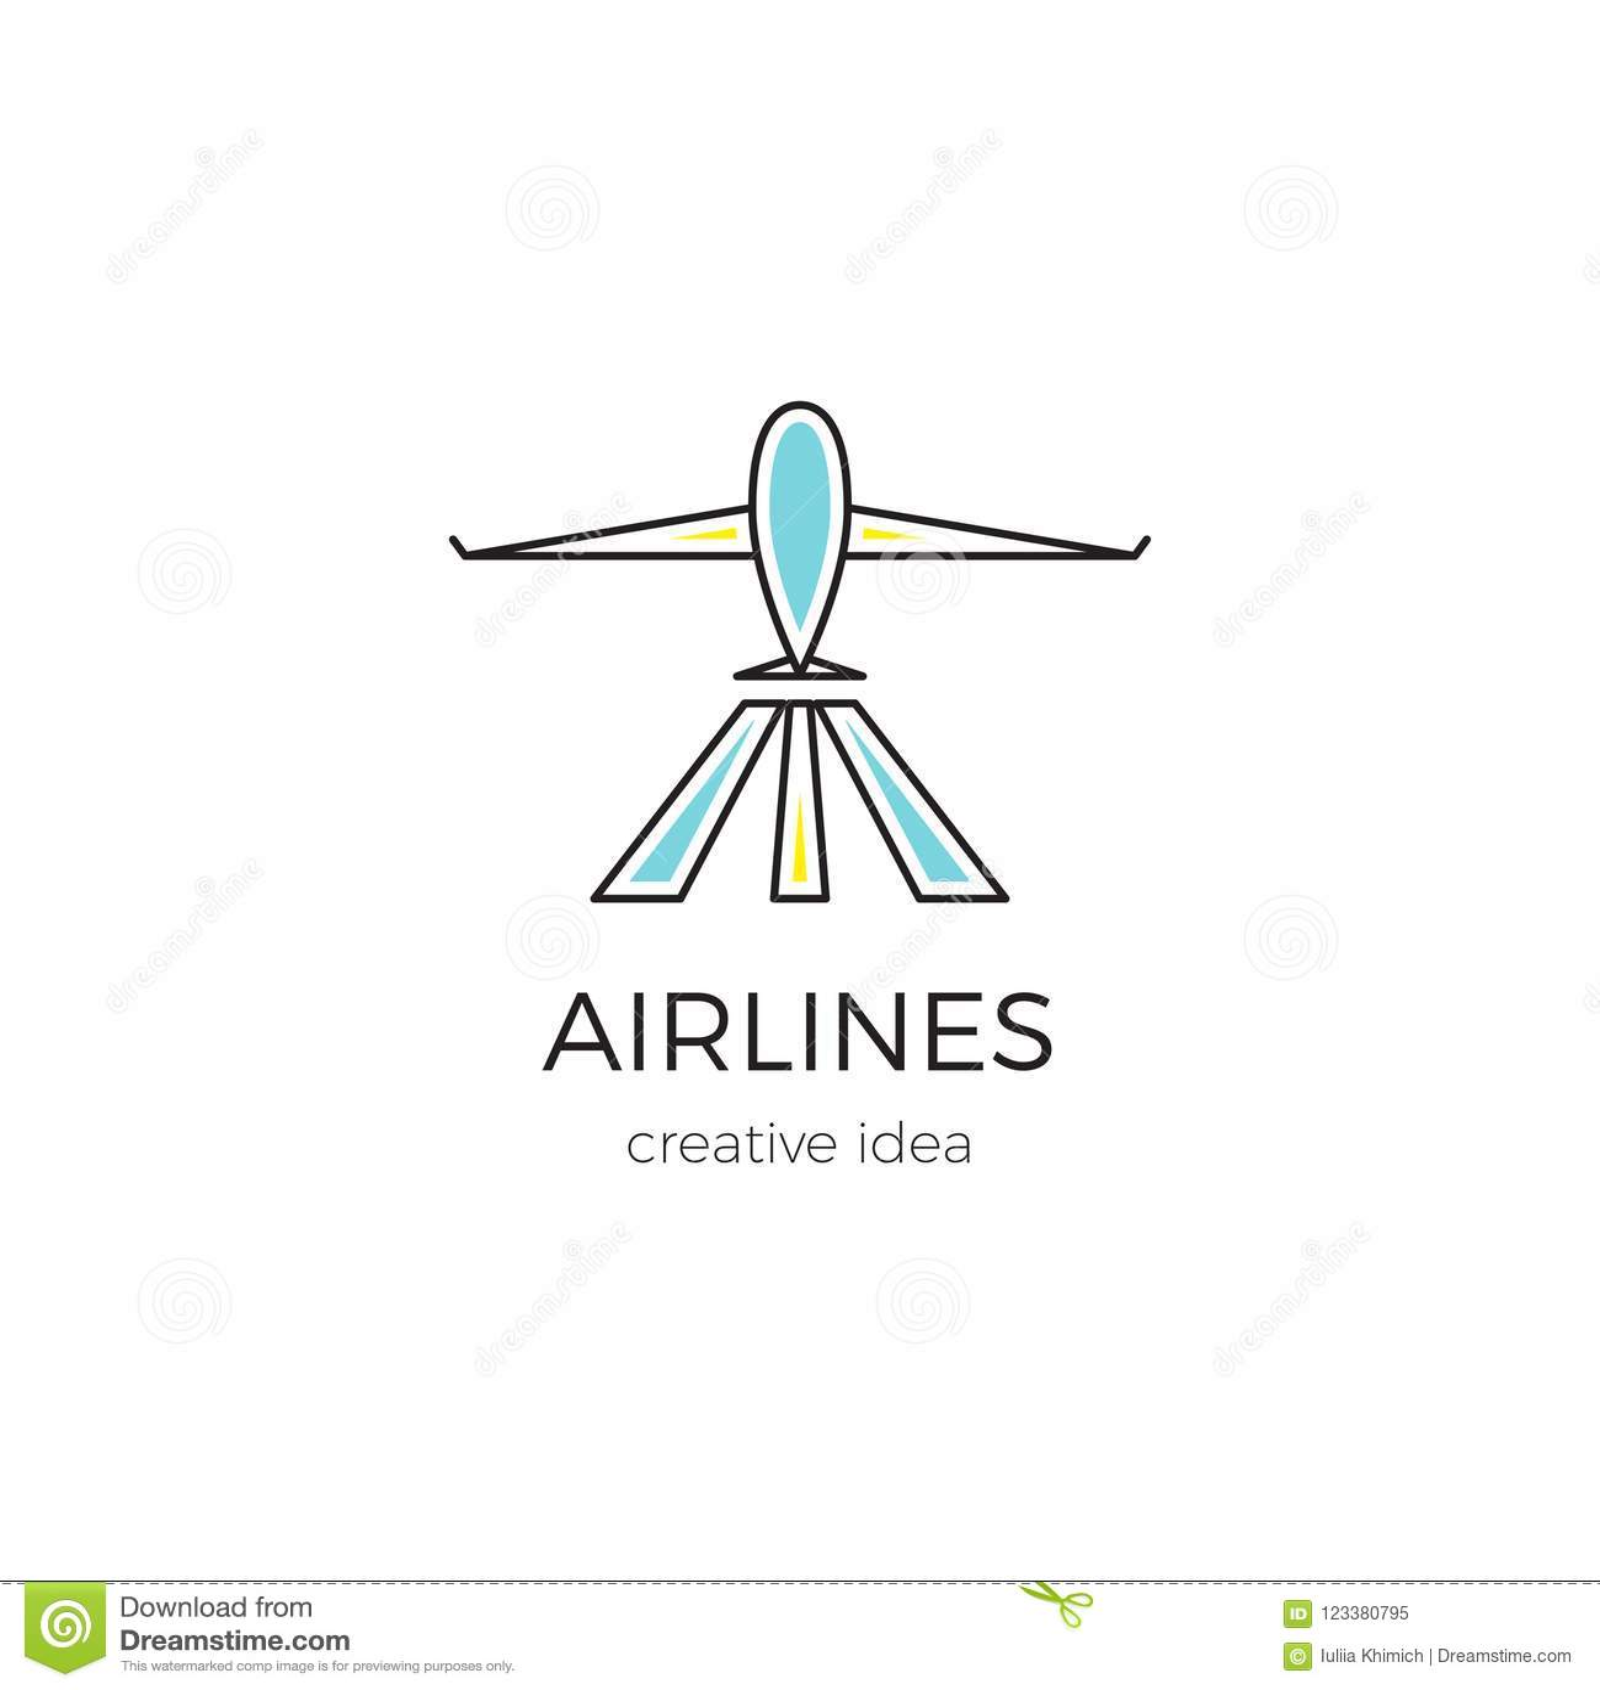 Иллюстрация шаблона логотипа для авиатранспортной компании, авиапорта или бюро путешествий